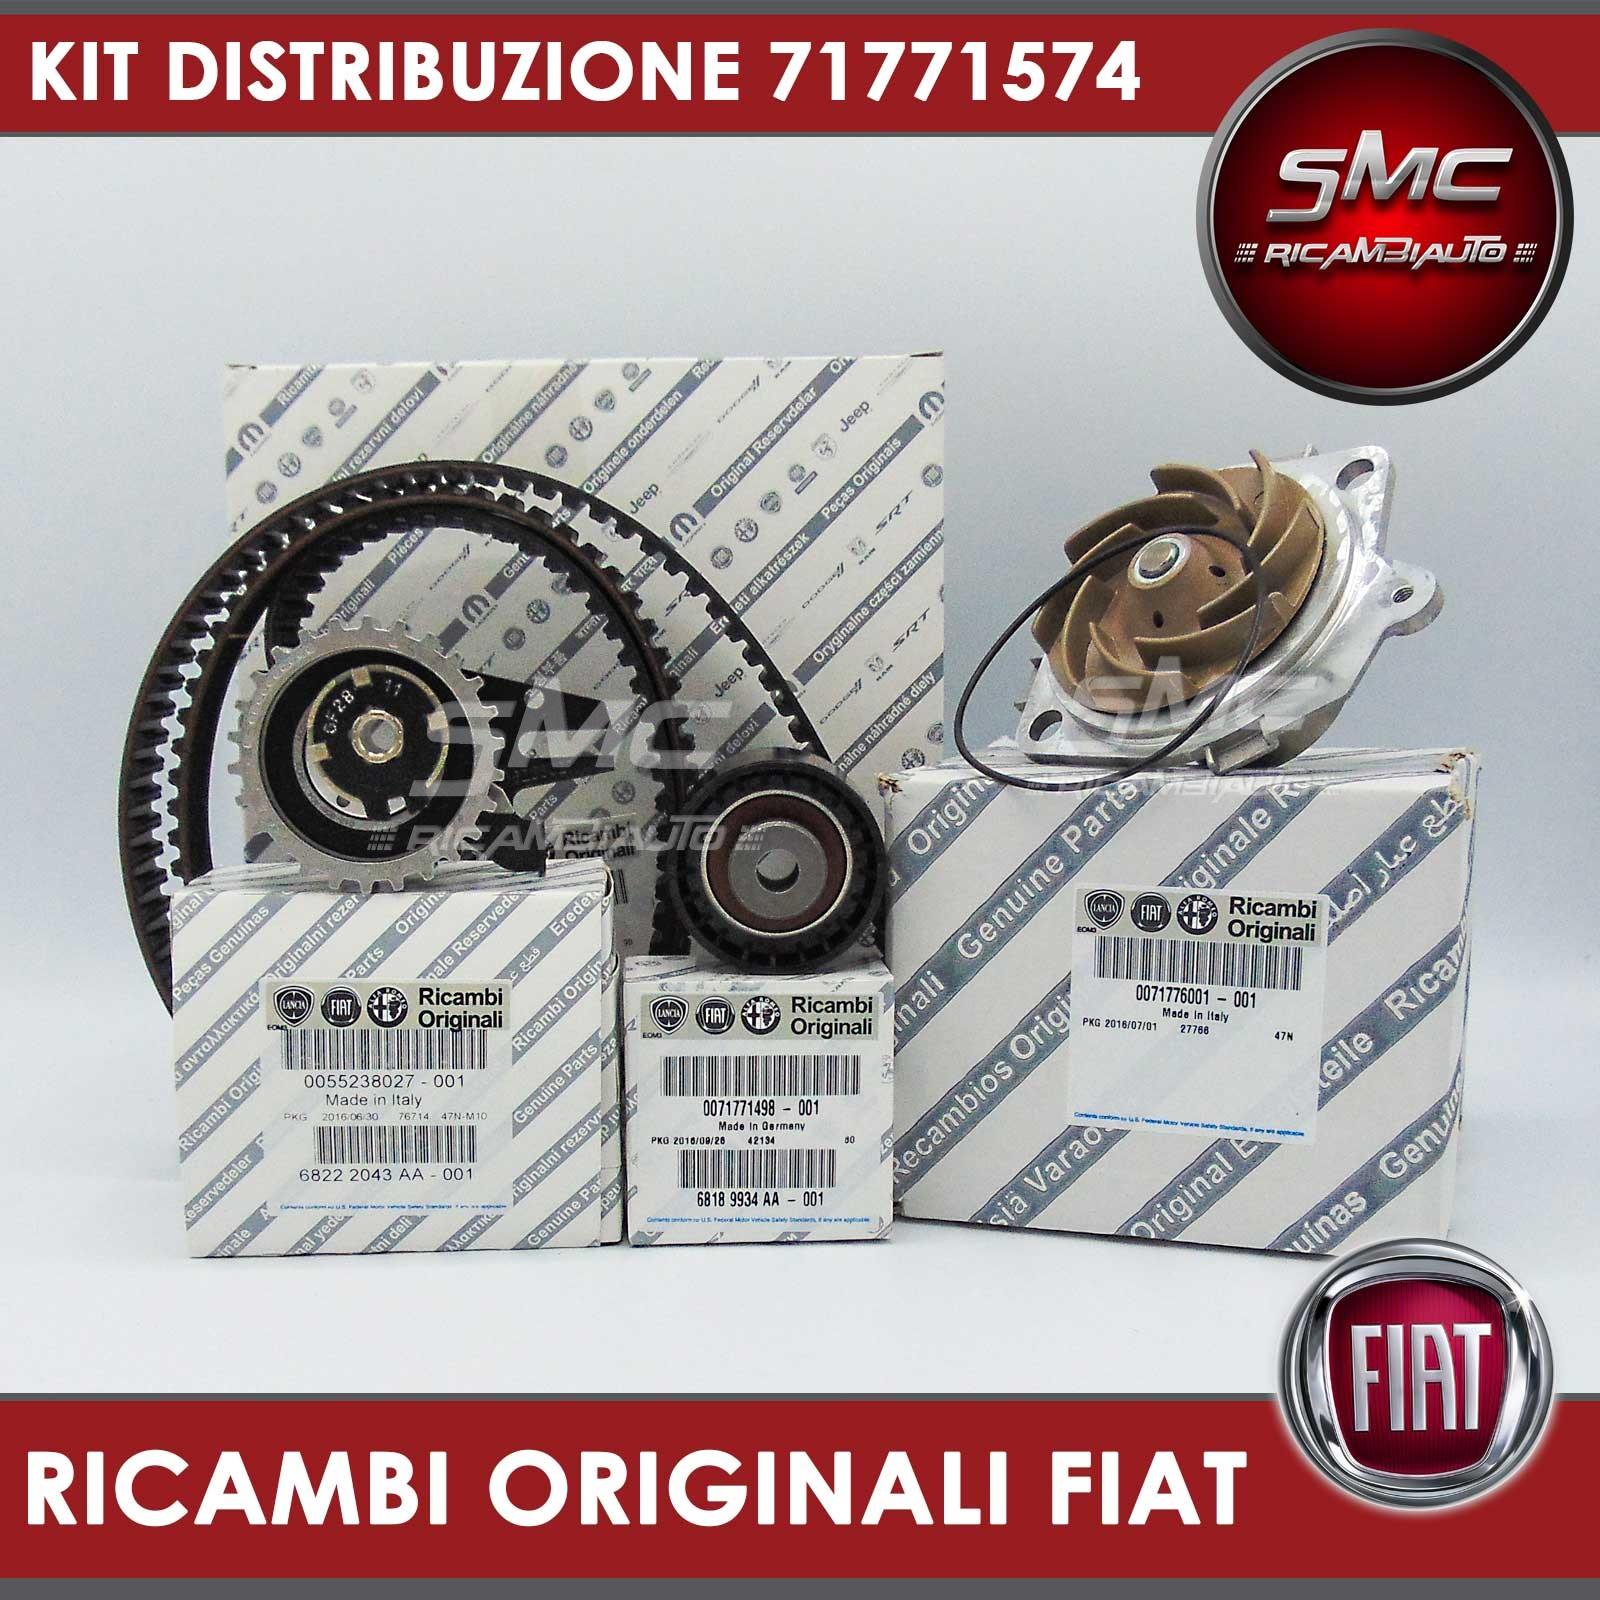 Kit distribuzione originale pompa acqua fiat stilo alfa for Smc ricambi auto